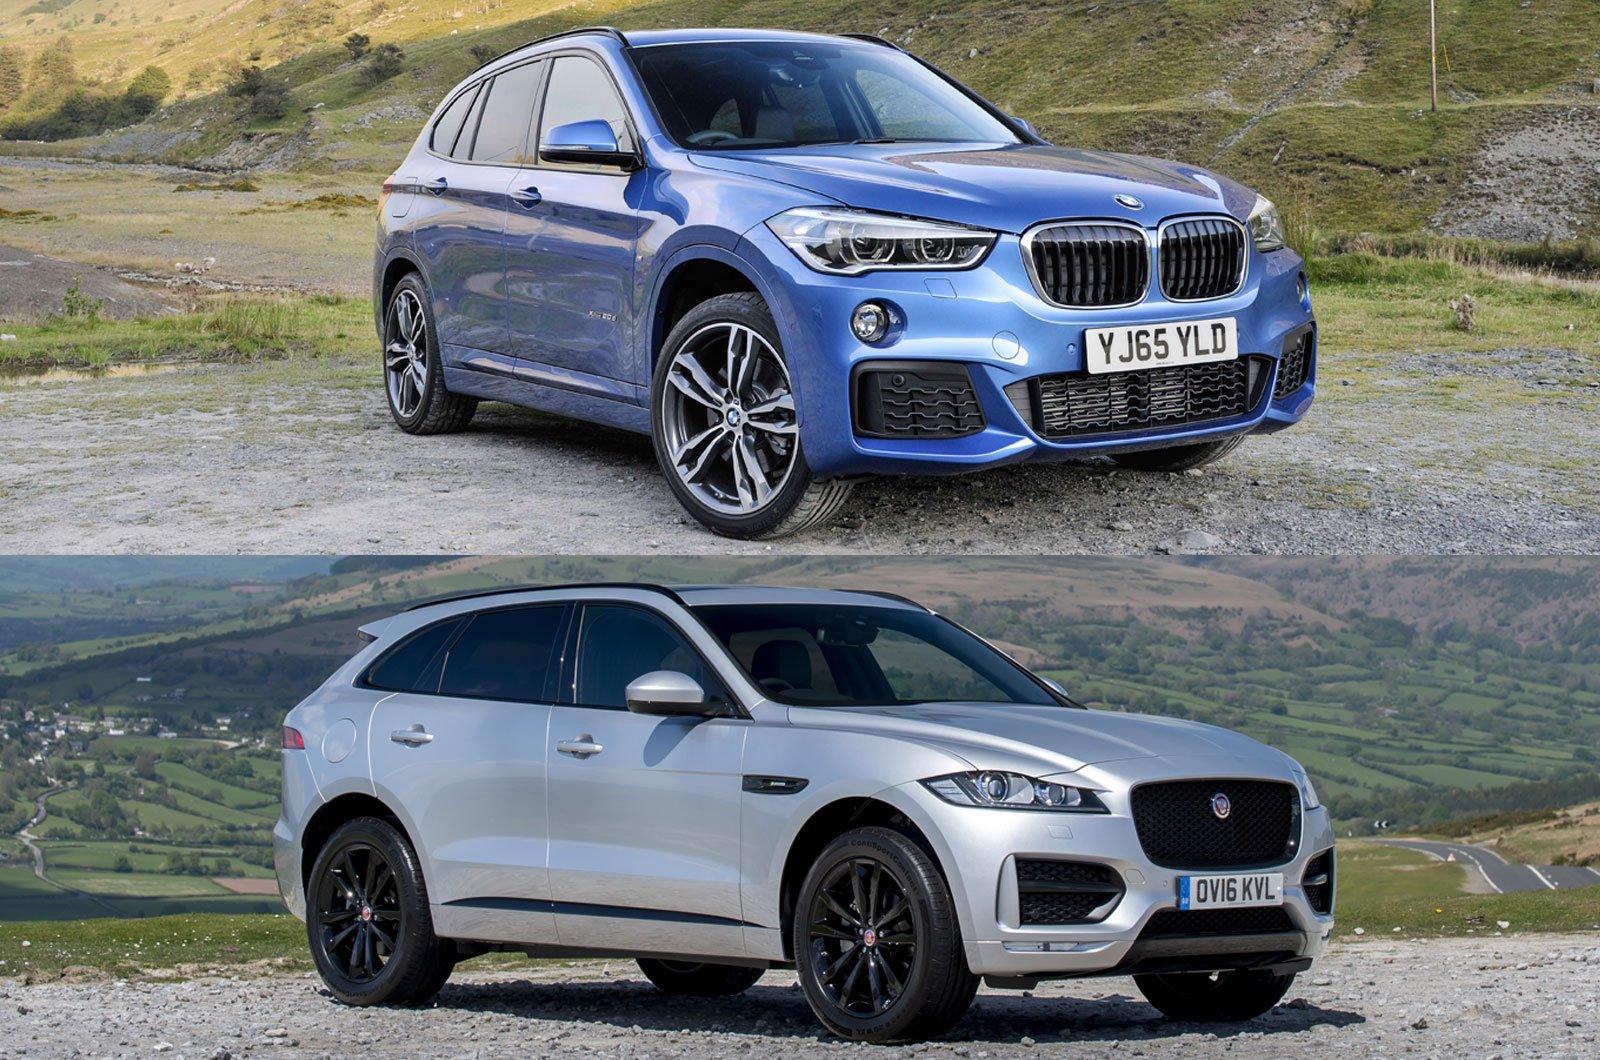 BMW X1 and Jaguar F-Pace